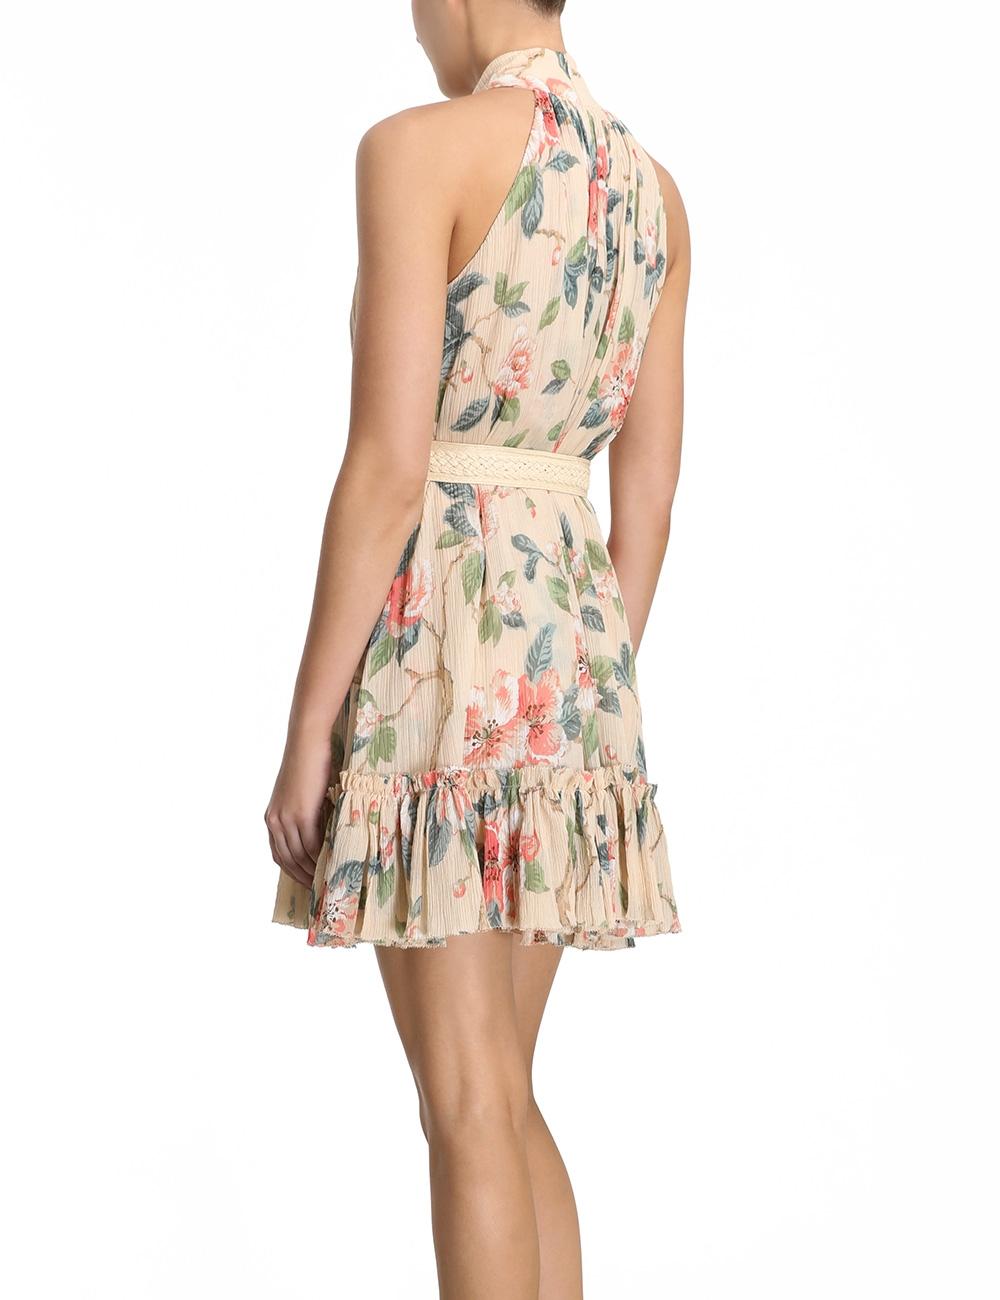 Kirra Short Halter Dress